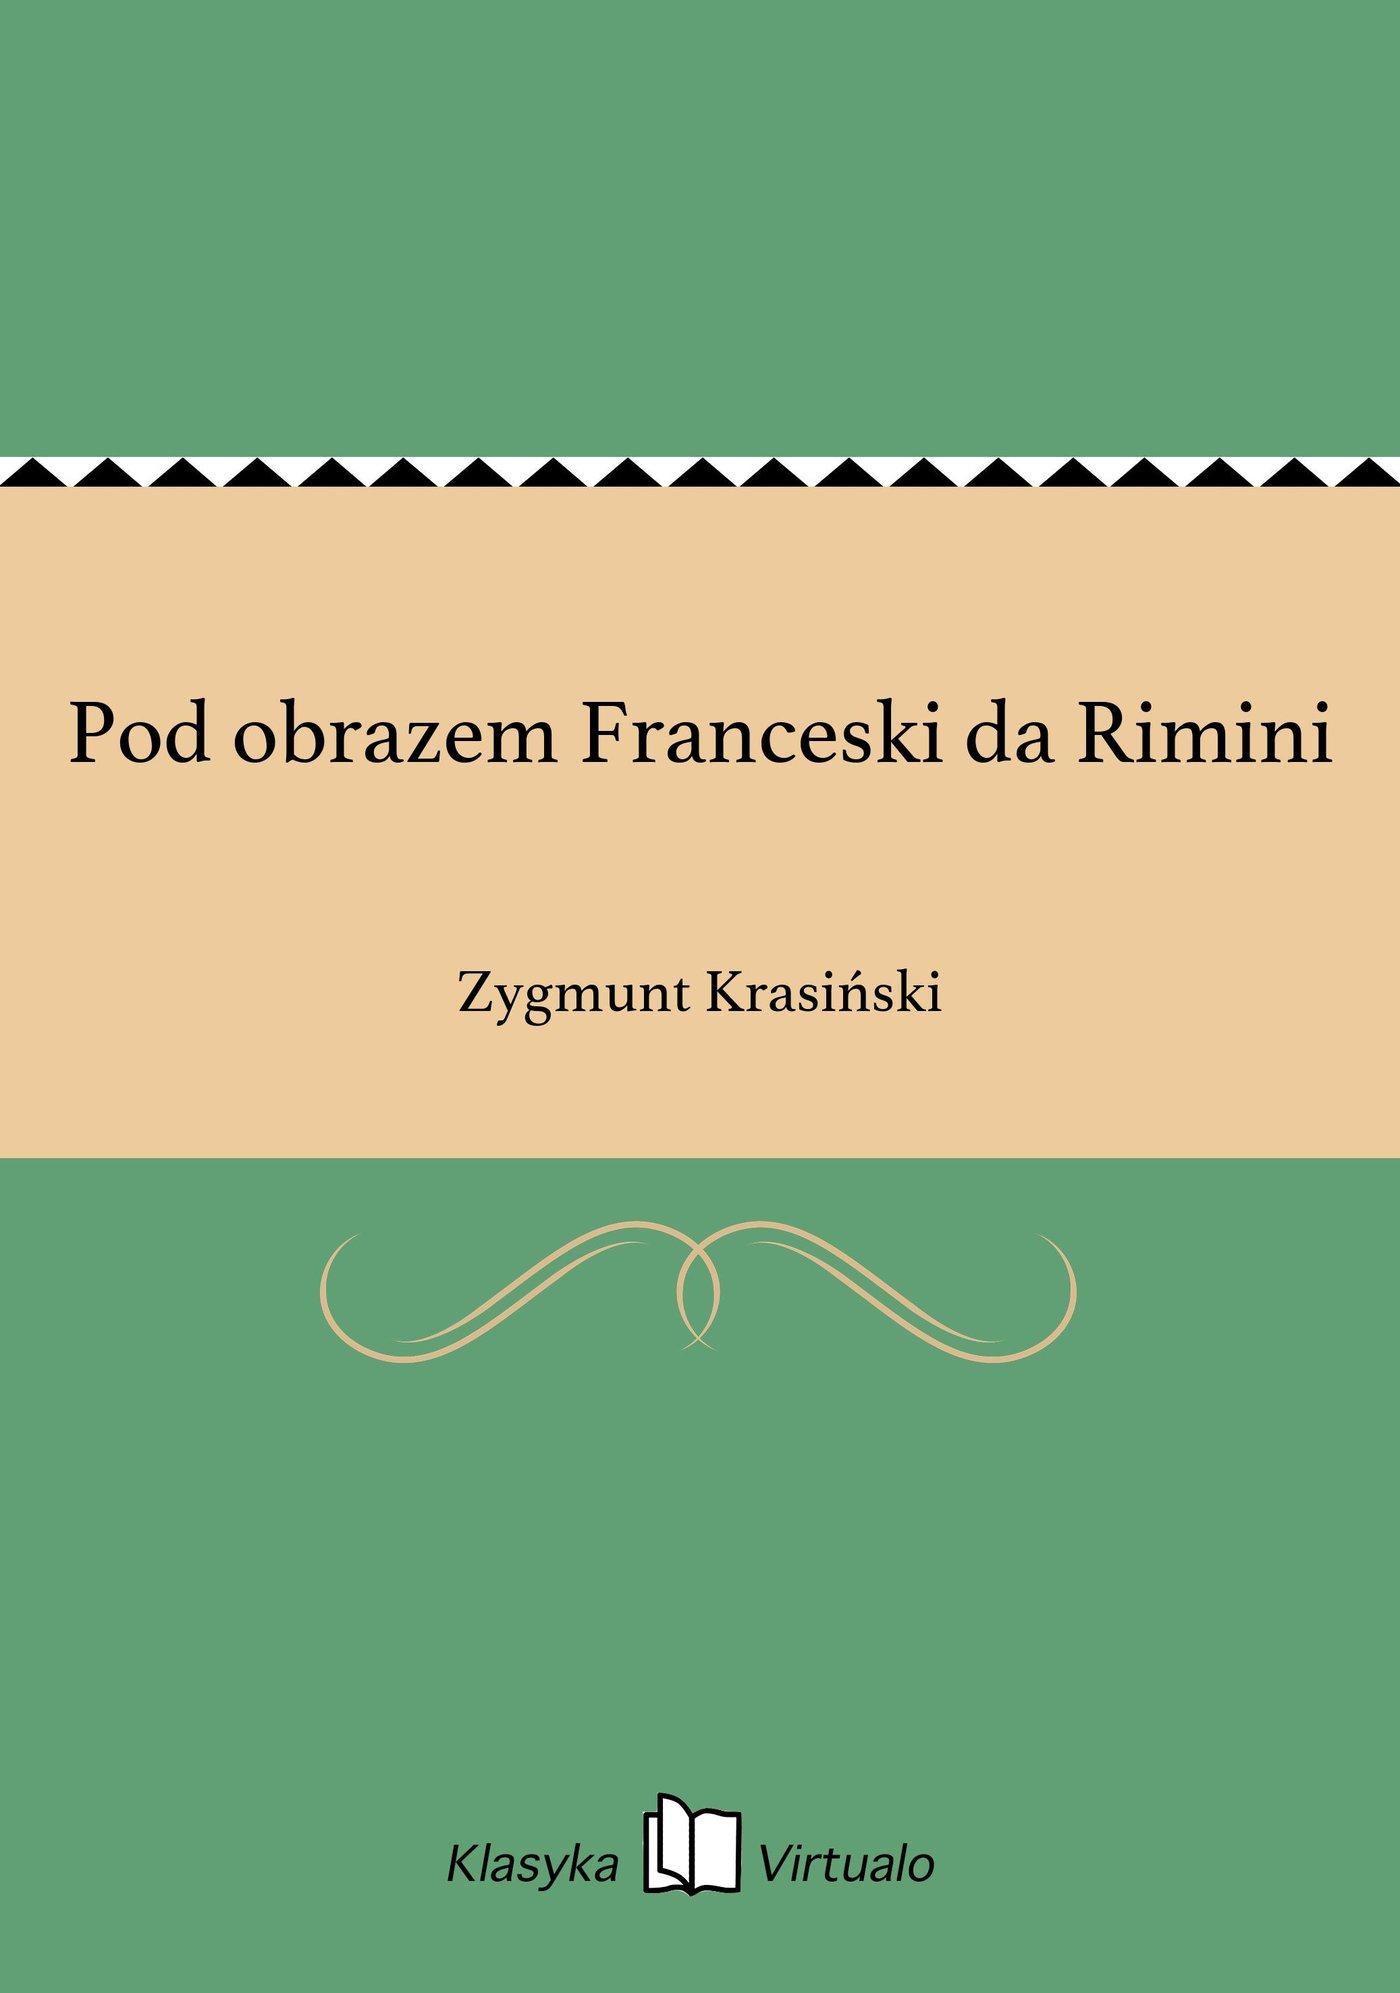 Pod obrazem Franceski da Rimini - Ebook (Książka na Kindle) do pobrania w formacie MOBI